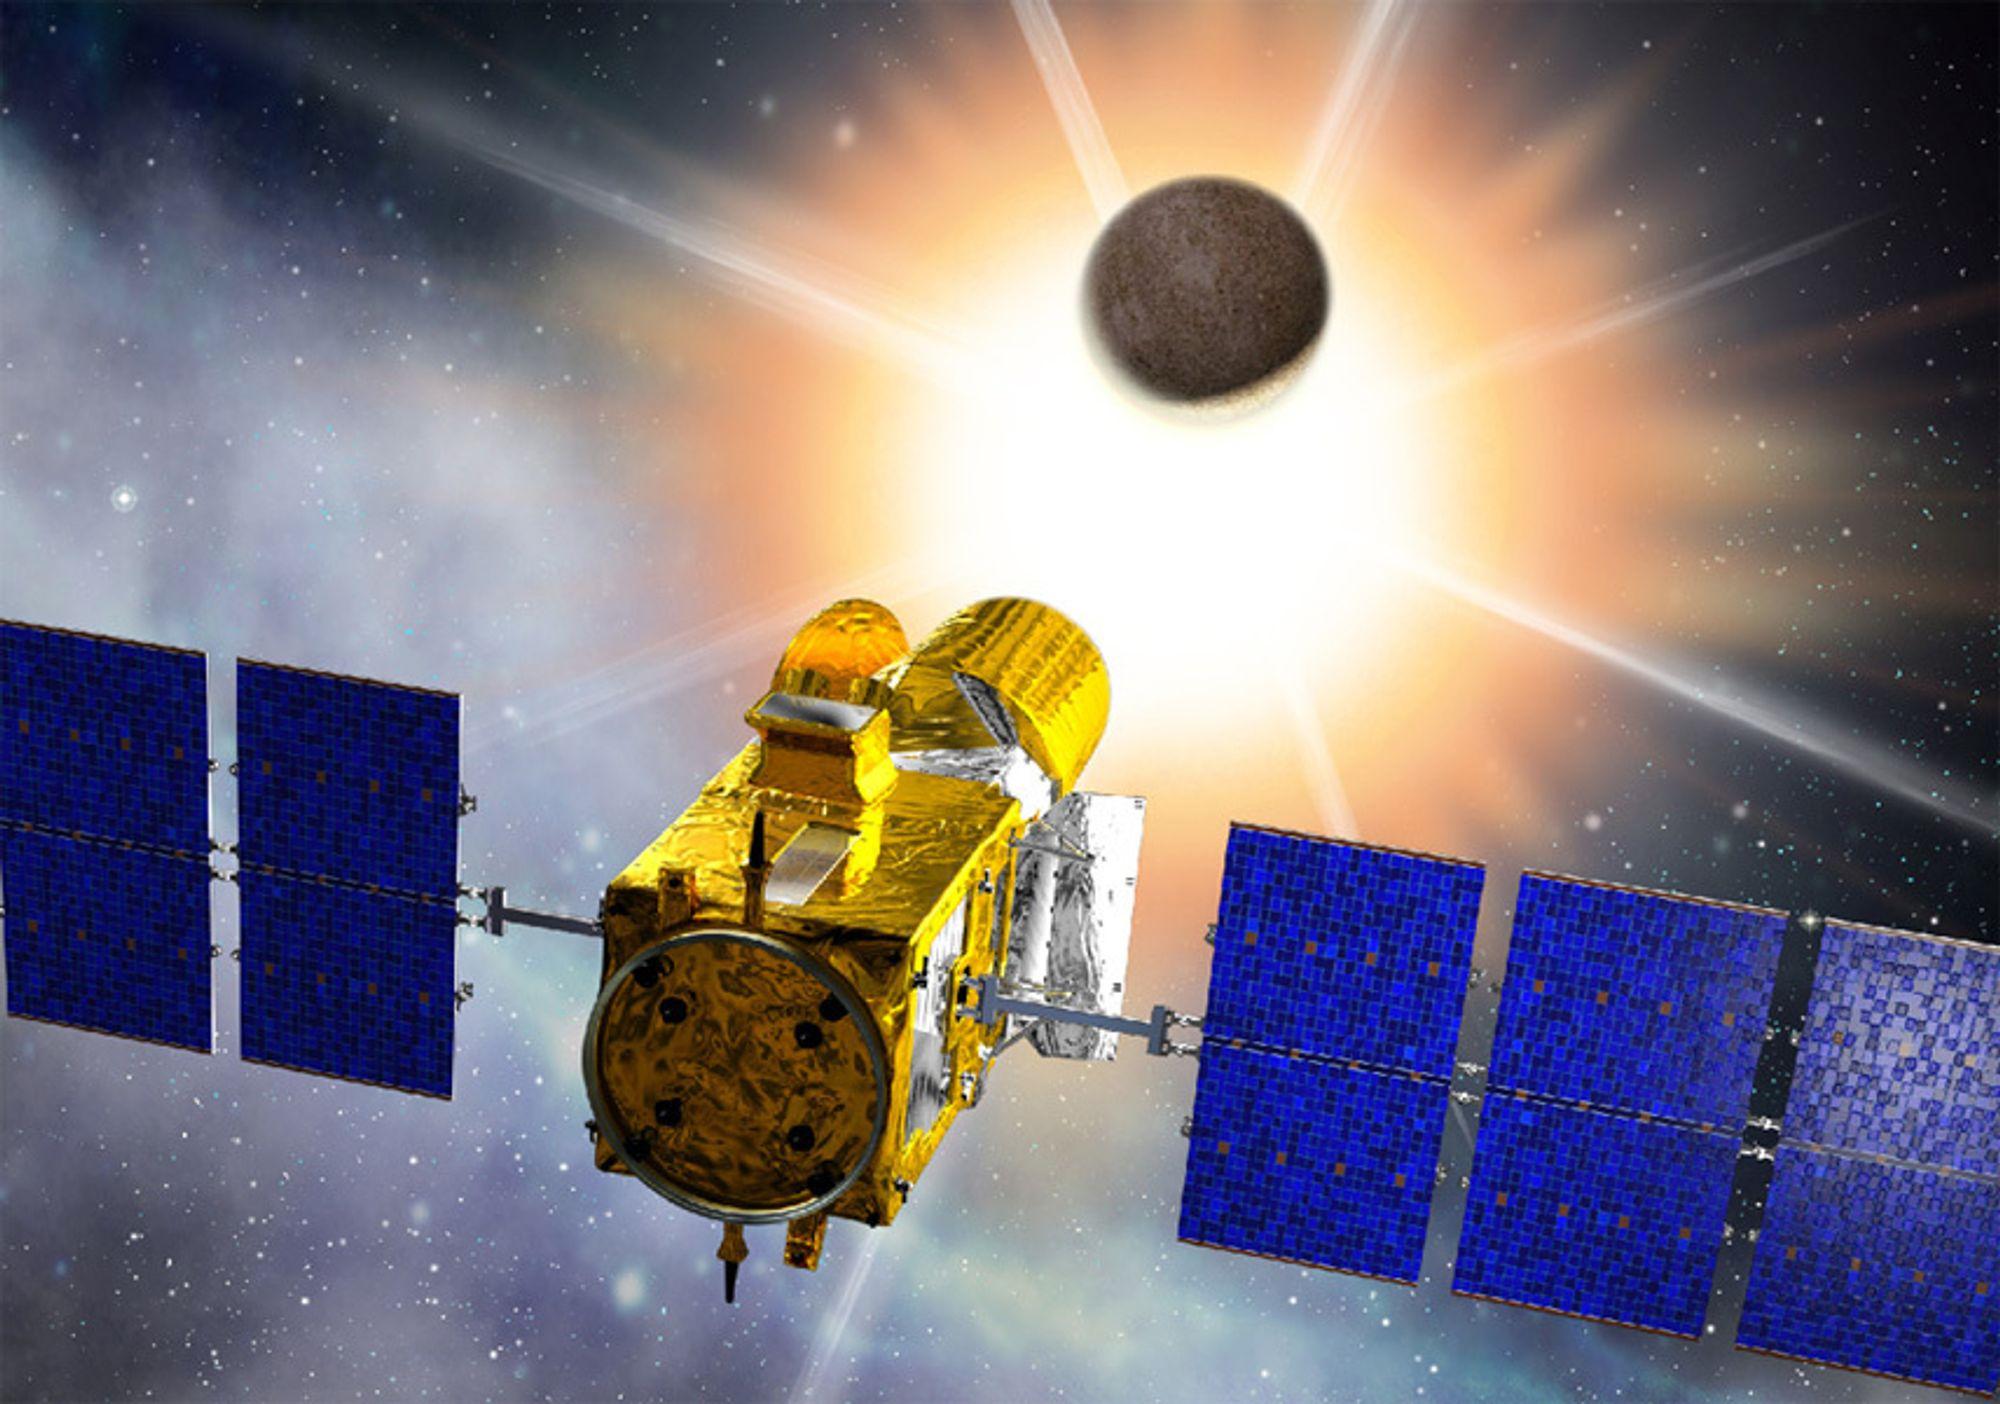 COROT skal studere stjernene i detalj for å avsløre hvilke planeter som går i bane rundt dem.